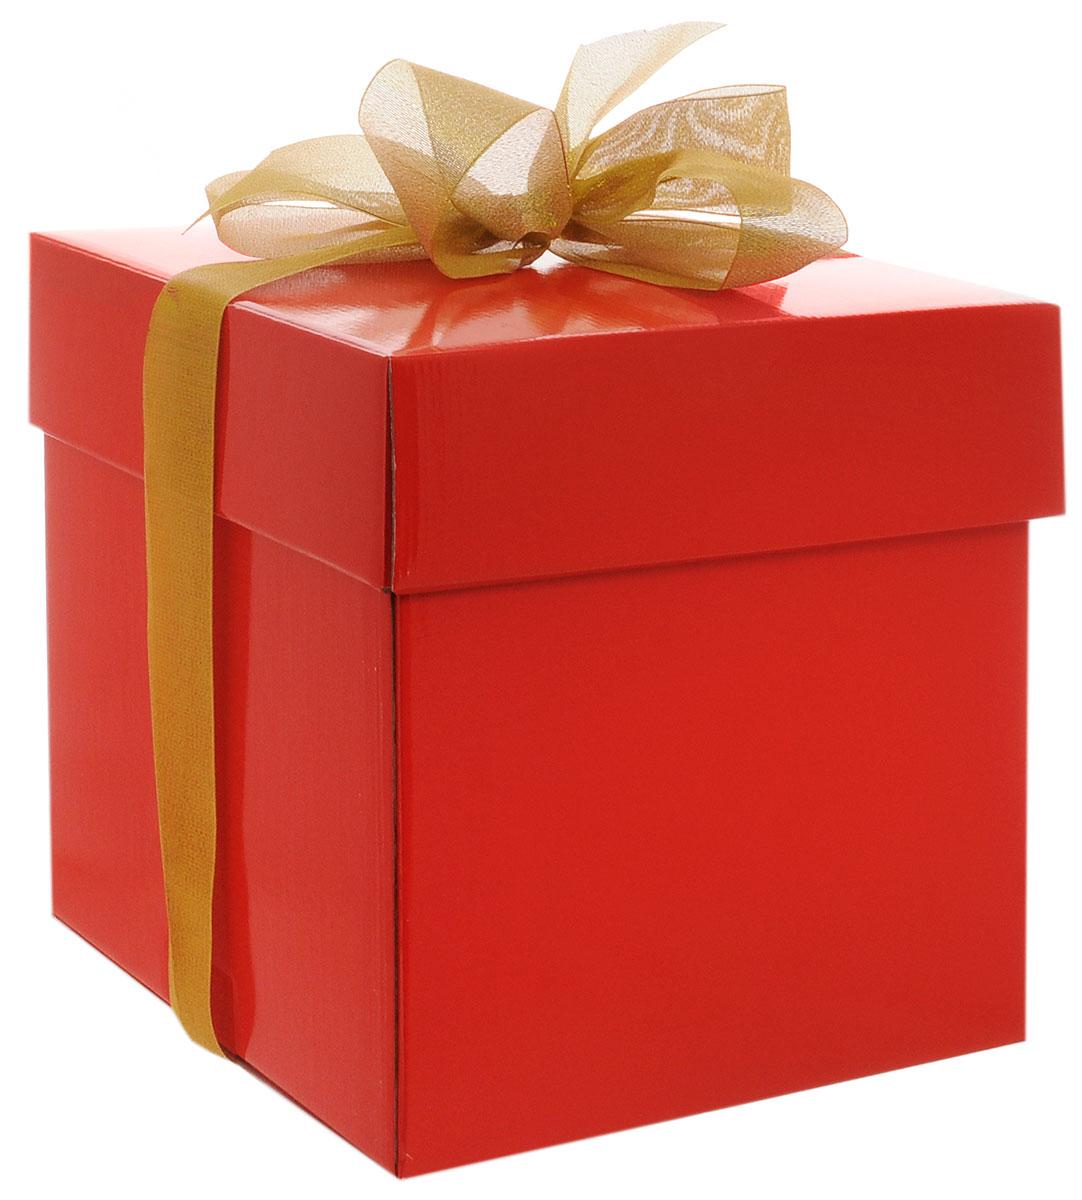 Волшебное печенье Вкусная помощь с предсказаниями, 105 шт4680016271432В новогоднюю ночь к вам придут много друзей, вы уже приготовили для них подарки, придумали меню и уже подготовили план развлечений. Но какая же новогодняя ночь без праздничных предсказаний? Мы приготовили для вас огромную красную коробку с волшебными печеньями, которых точно хватит всем.В этот набор входят 105 новогодних предсказаний и пожеланий, самых отборных и праздничных. Устраивайте веселые конкурсы с друзьями, дарите печеньки!Печенья с предсказаниями нравятся абсолютно всем, поэтому покупая такую коробку вы сделаете ваш вечер поистине волшебным.Уважаемые клиенты! Обращаем ваше внимание на то, что упаковка может иметь несколько видов дизайна. Поставка осуществляется в зависимости от наличия на складе.